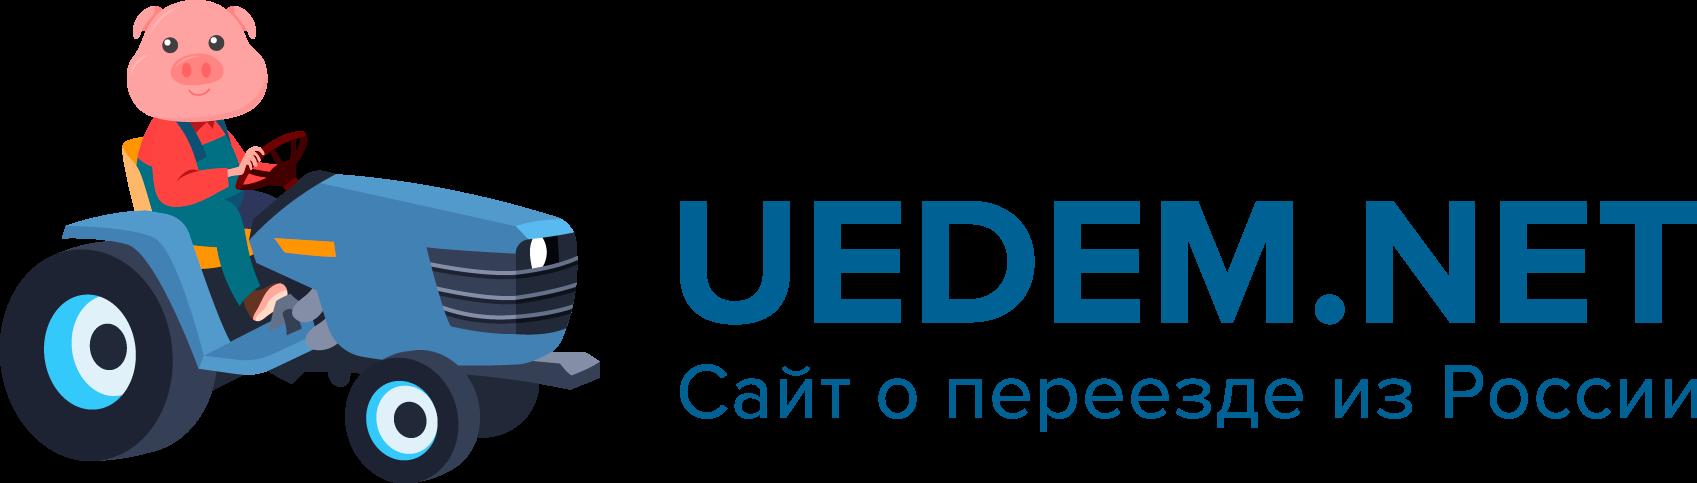 Uedem.net